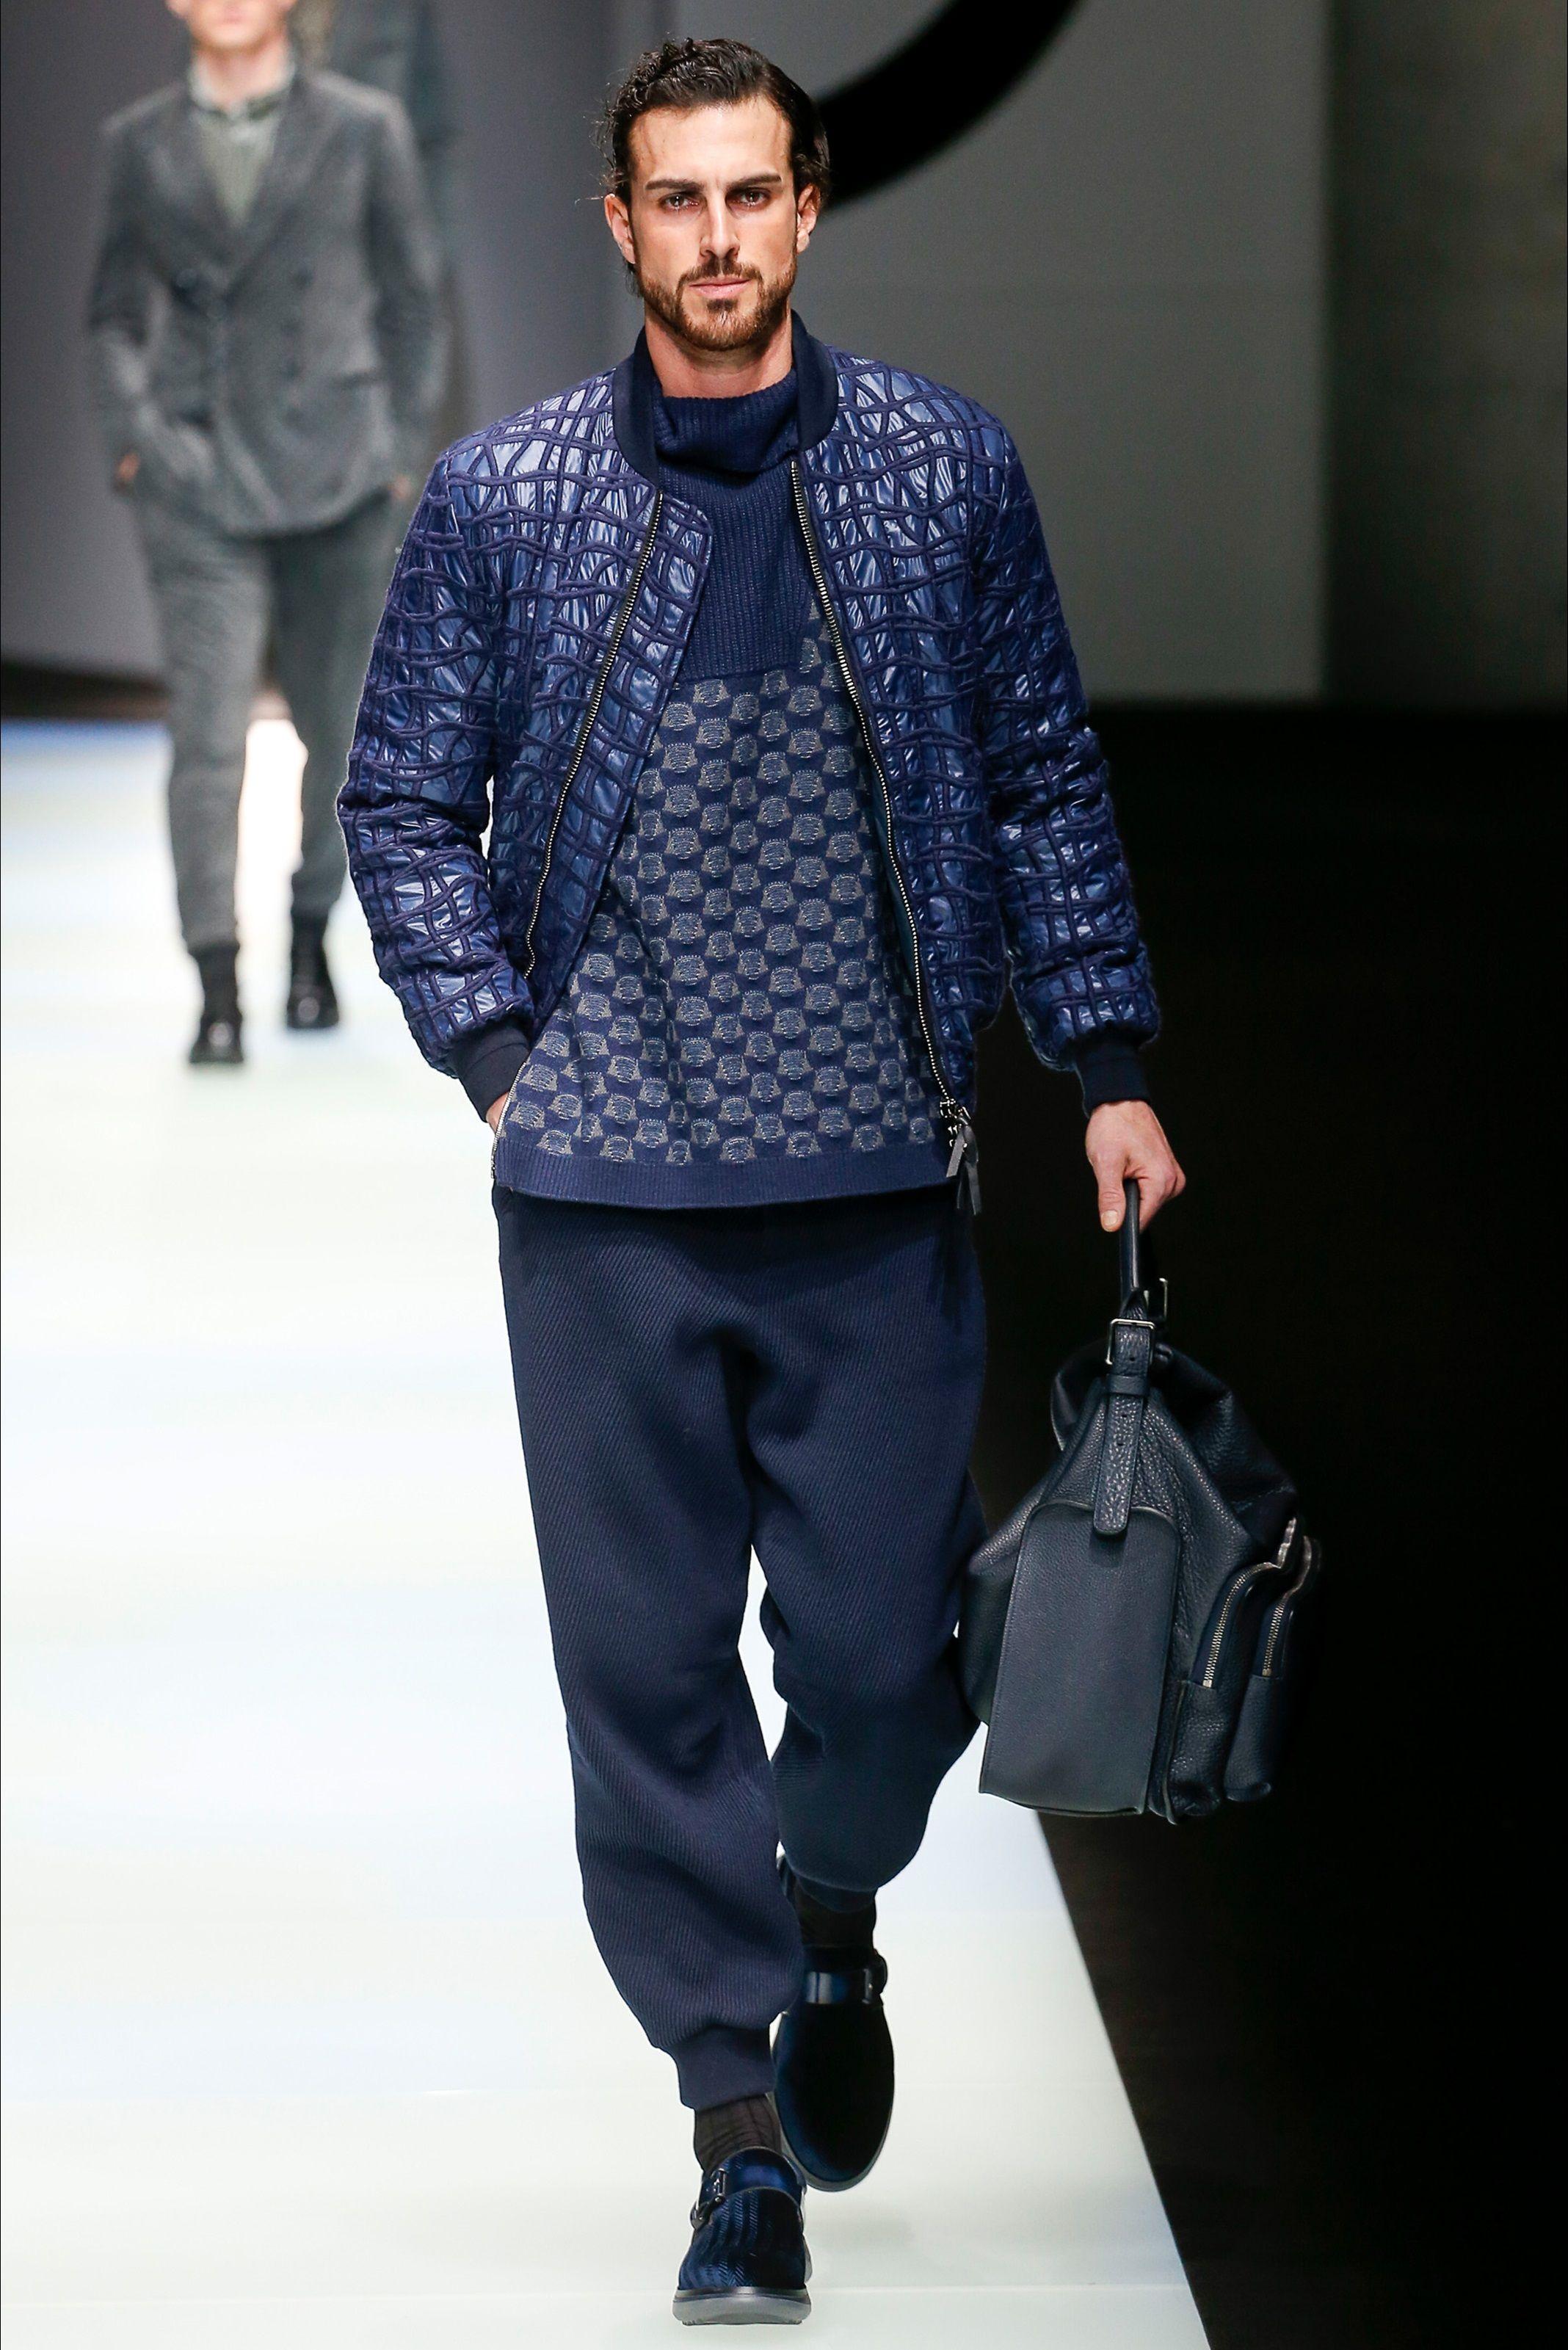 Sfilata Moda Uomo Giorgio Armani Milano Autunno Inverno c4993f5a166